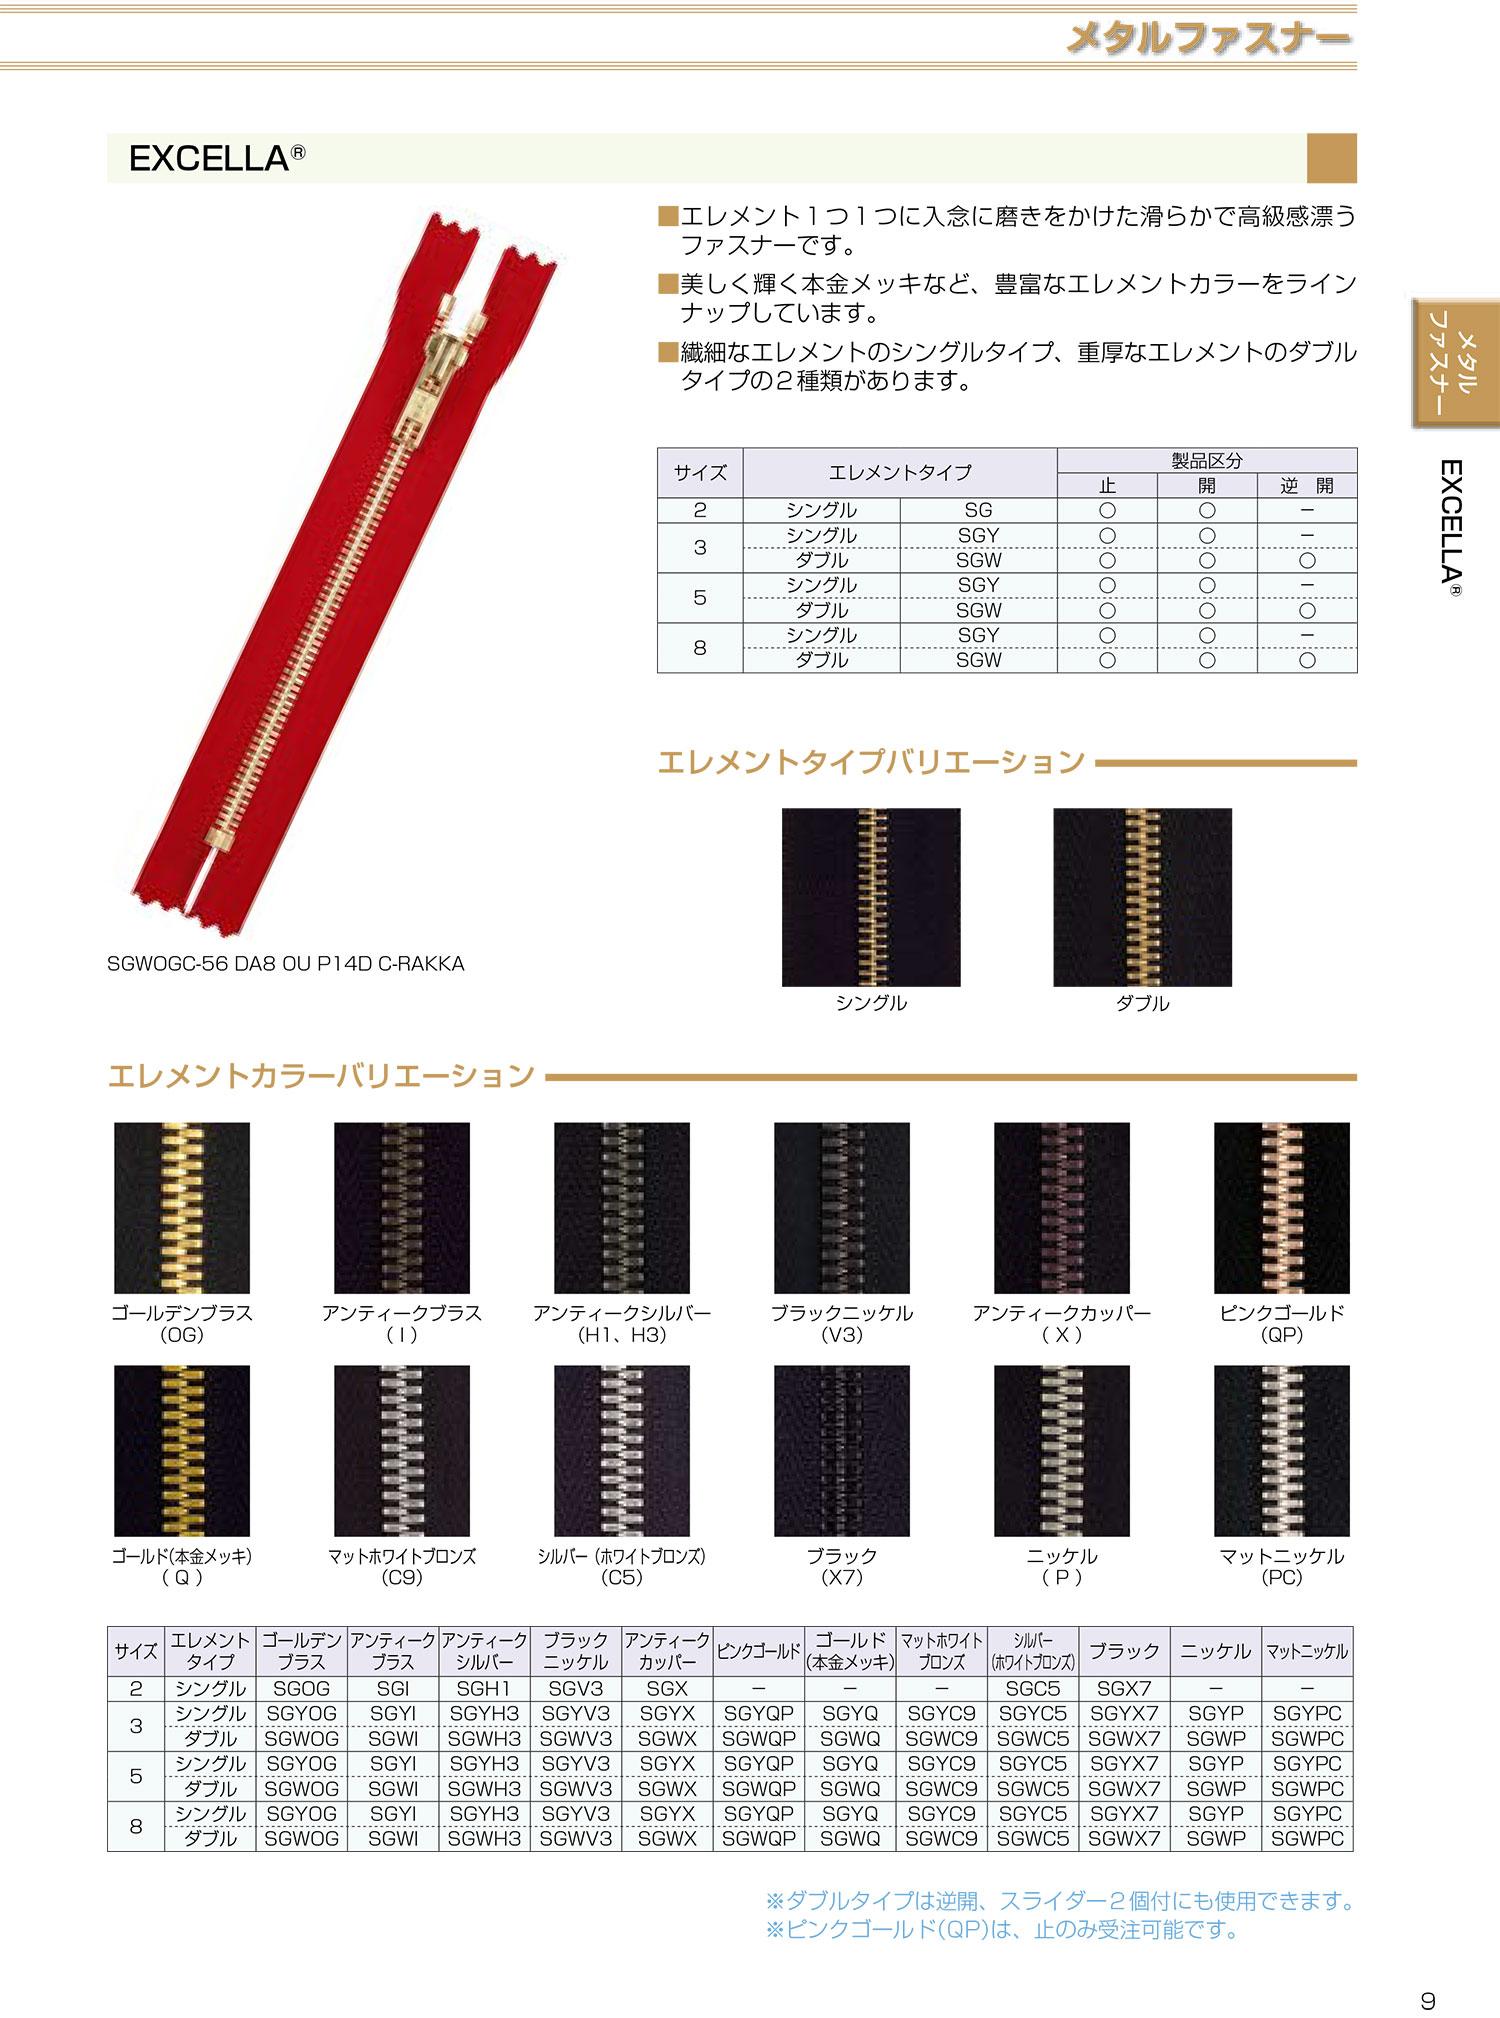 5SGYPCOR エクセラ 5サイズ マットニッケル オープン シングル[ファスナー] YKK/オークラ商事 - ApparelX アパレル資材卸通販